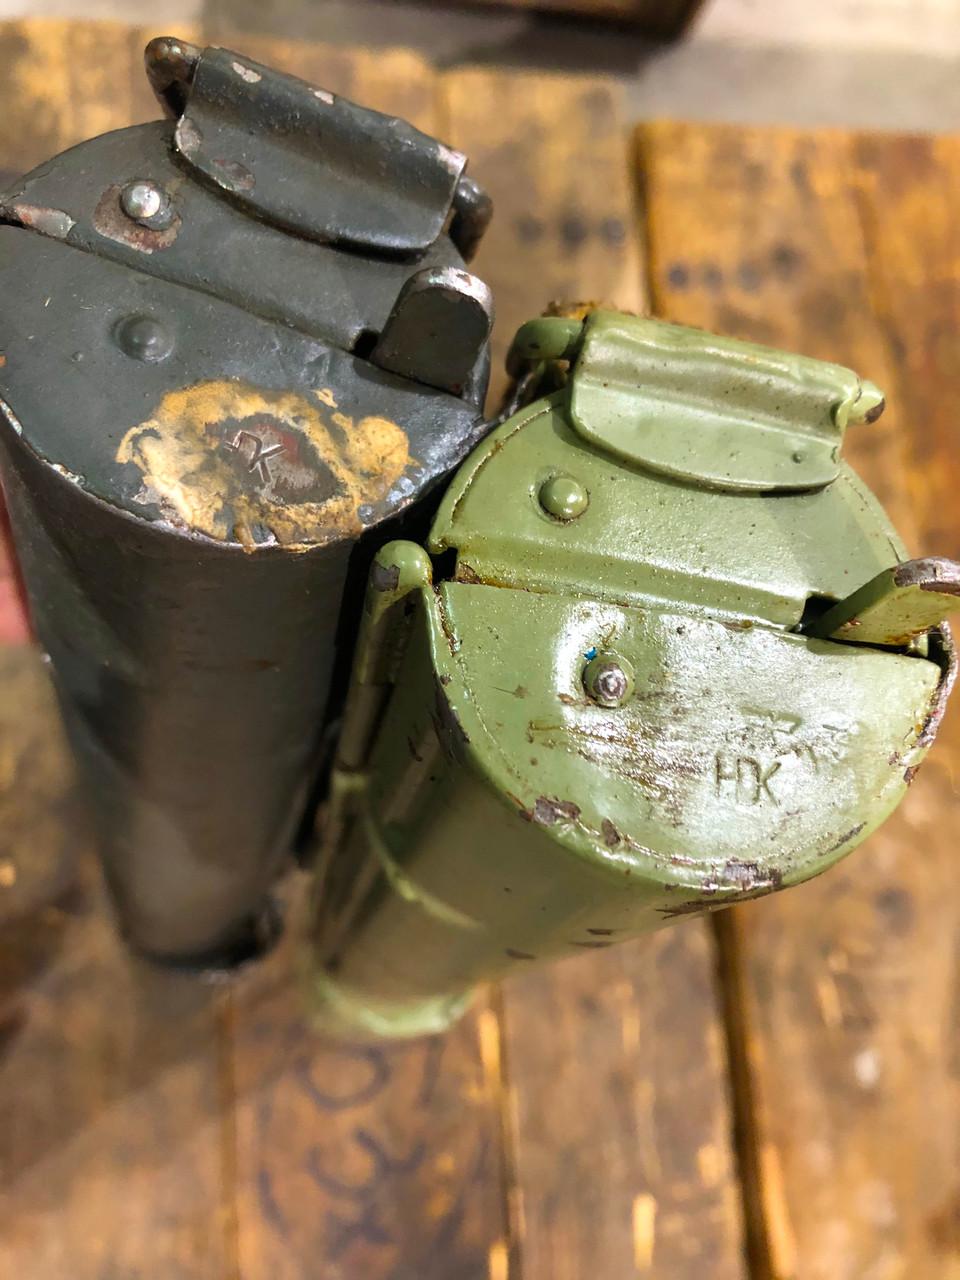 Lot of two HDK  Nazi marked: Laufschützer 34, MG34 original unconverted - lot 8